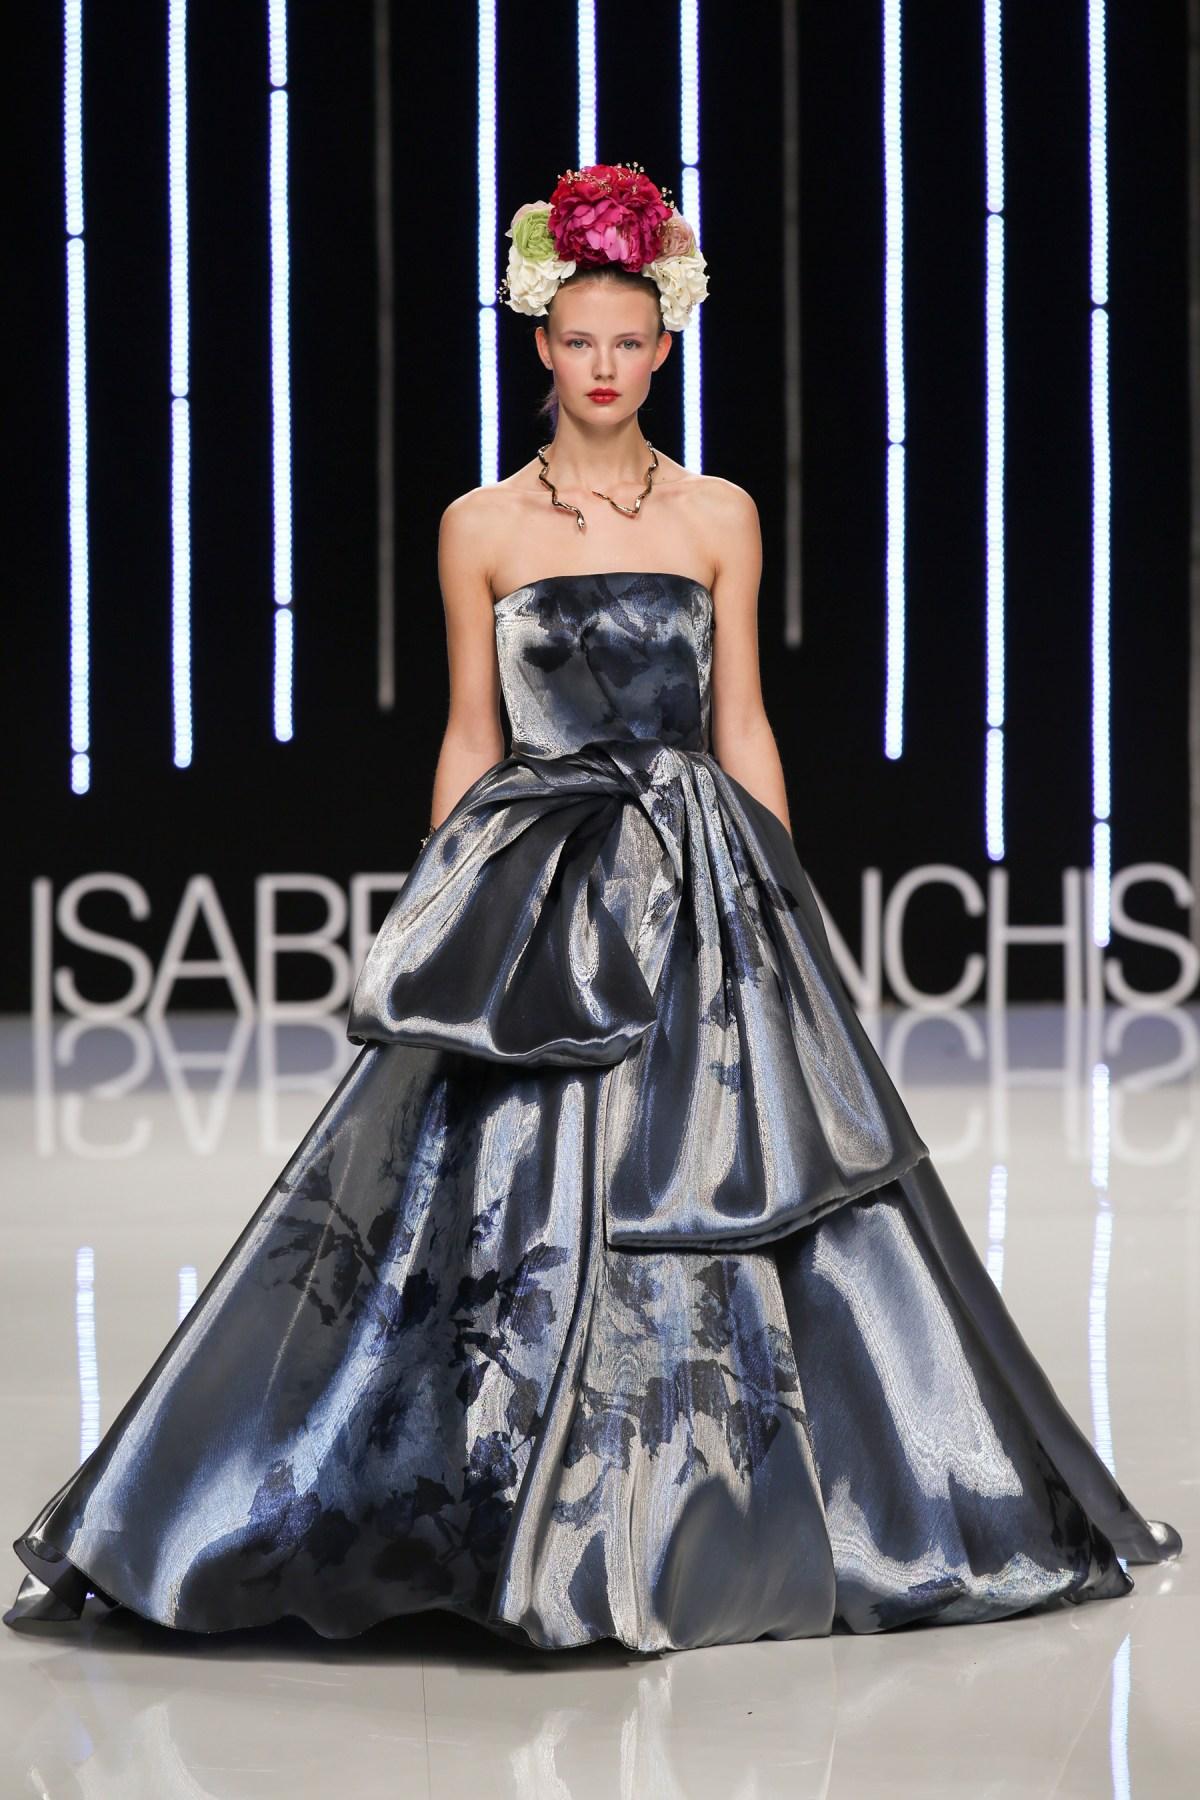 Isabel Sanchis brd RS17 0859